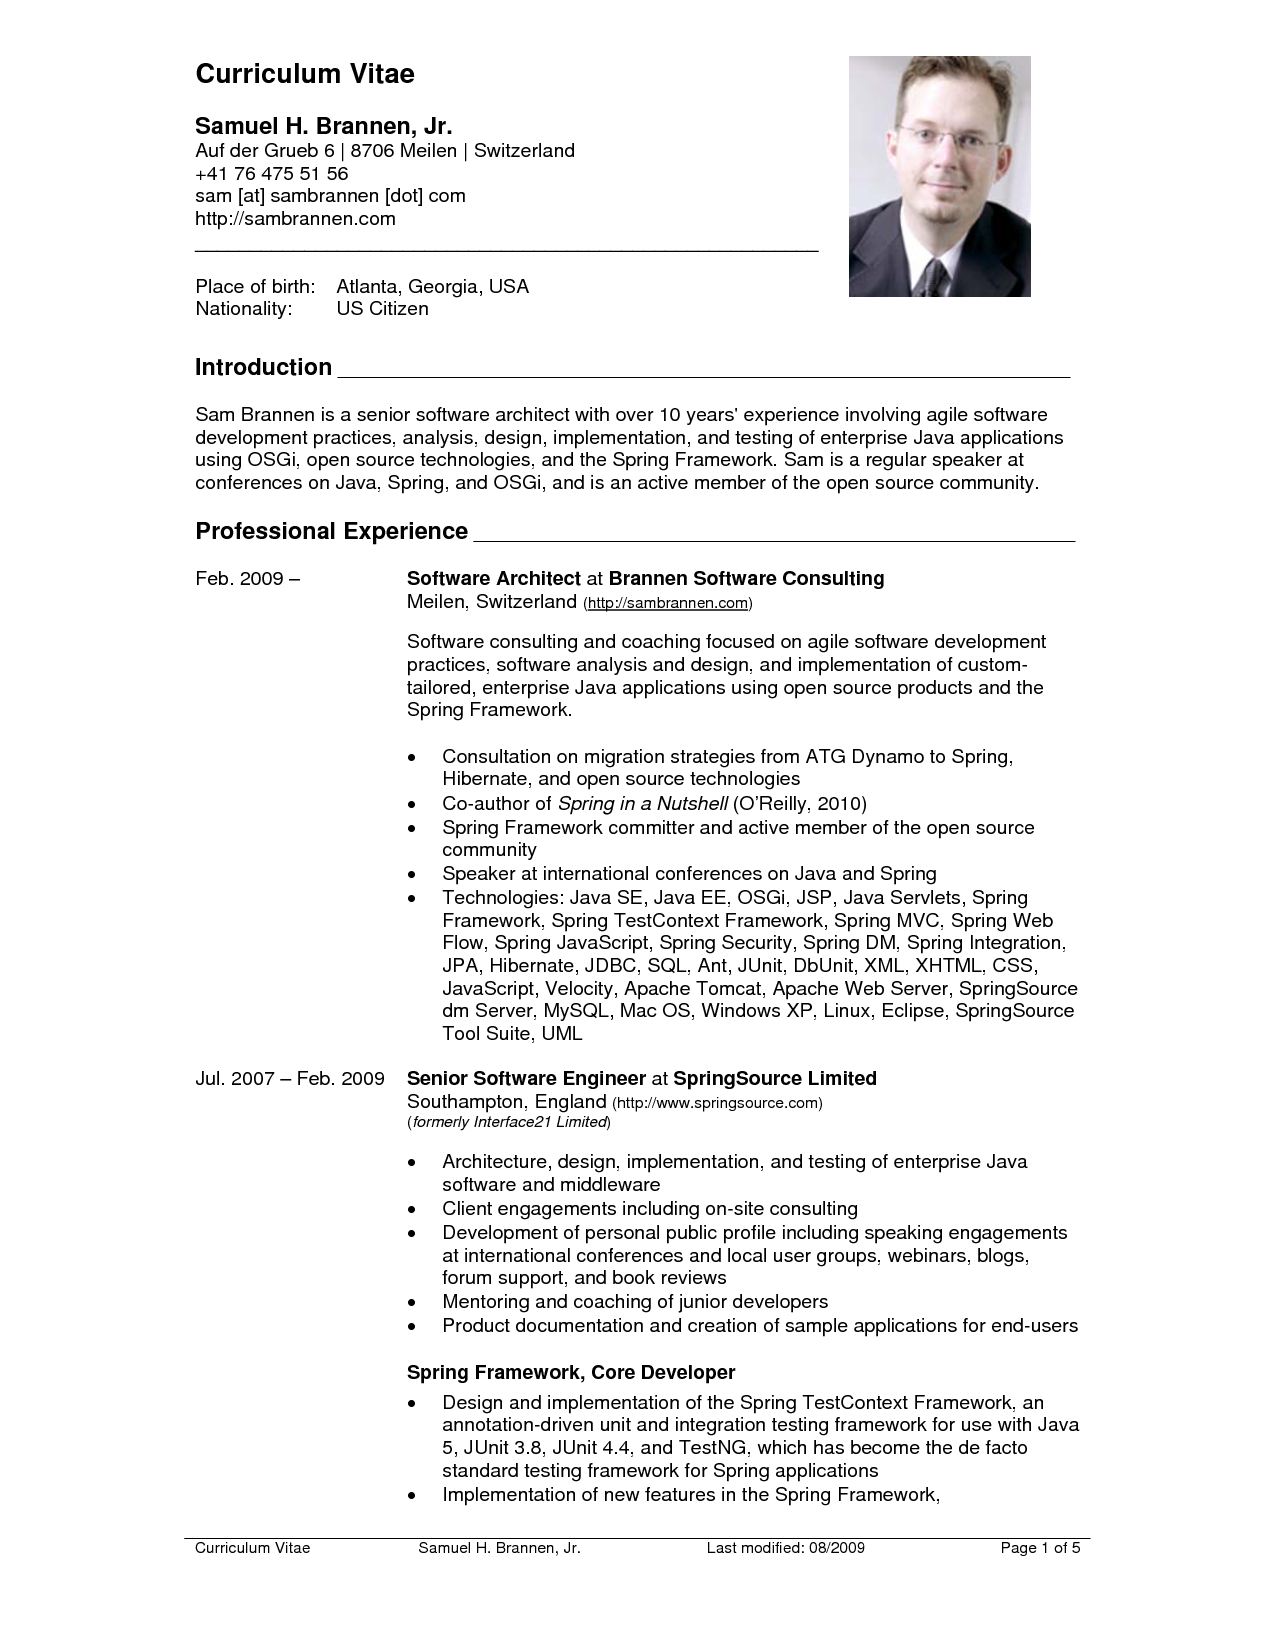 Curriculum Vitae Format